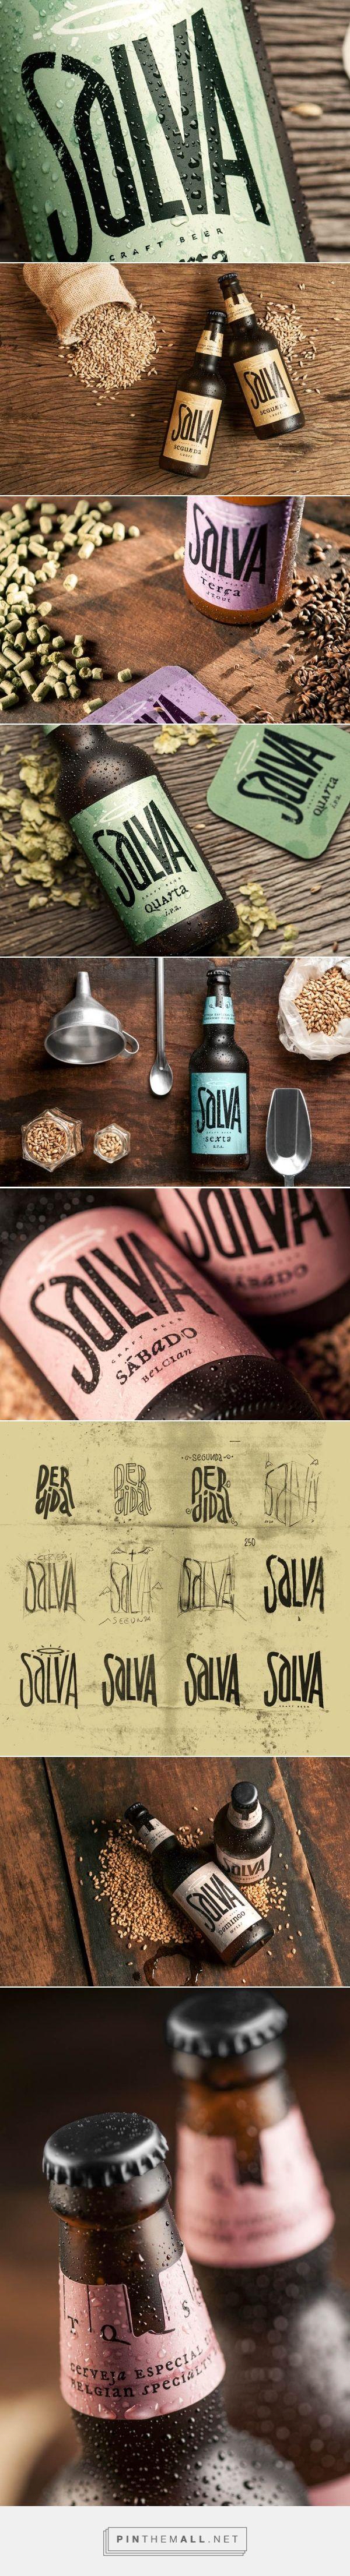 Identity & Packaging of Salva Craft Beer | Abduzeedo Design Inspiration